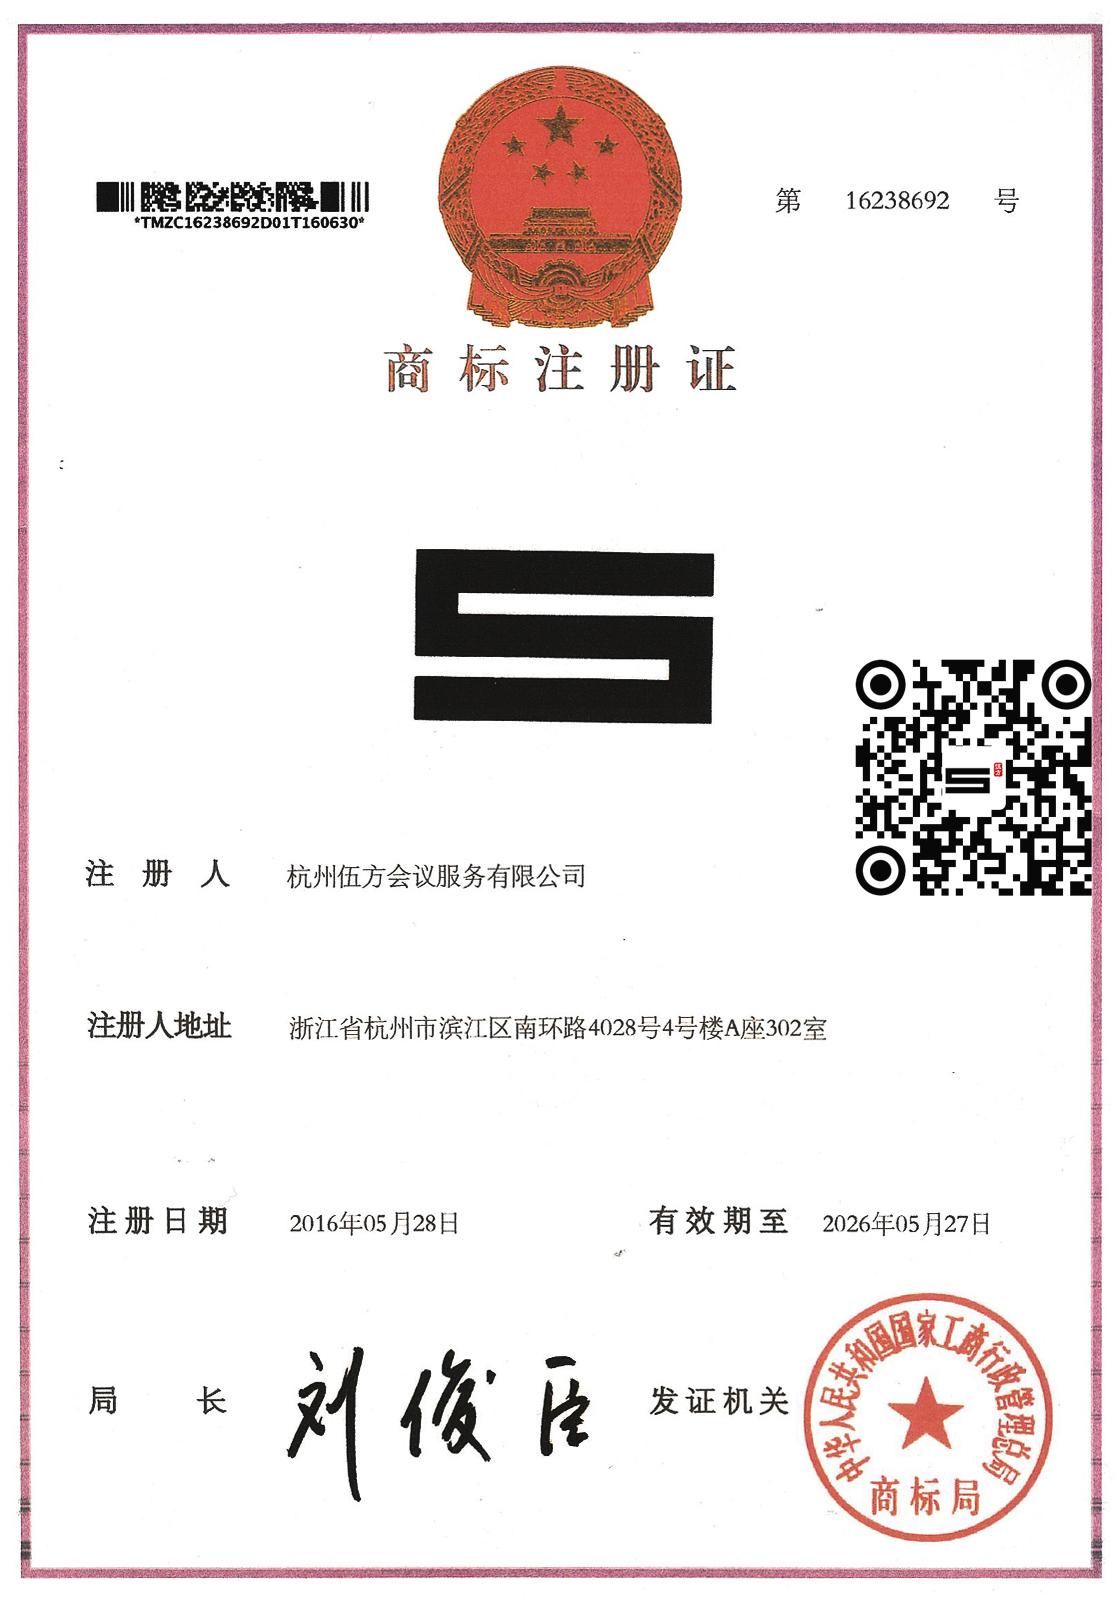 伍方会议标志图形商标证书及服务范围